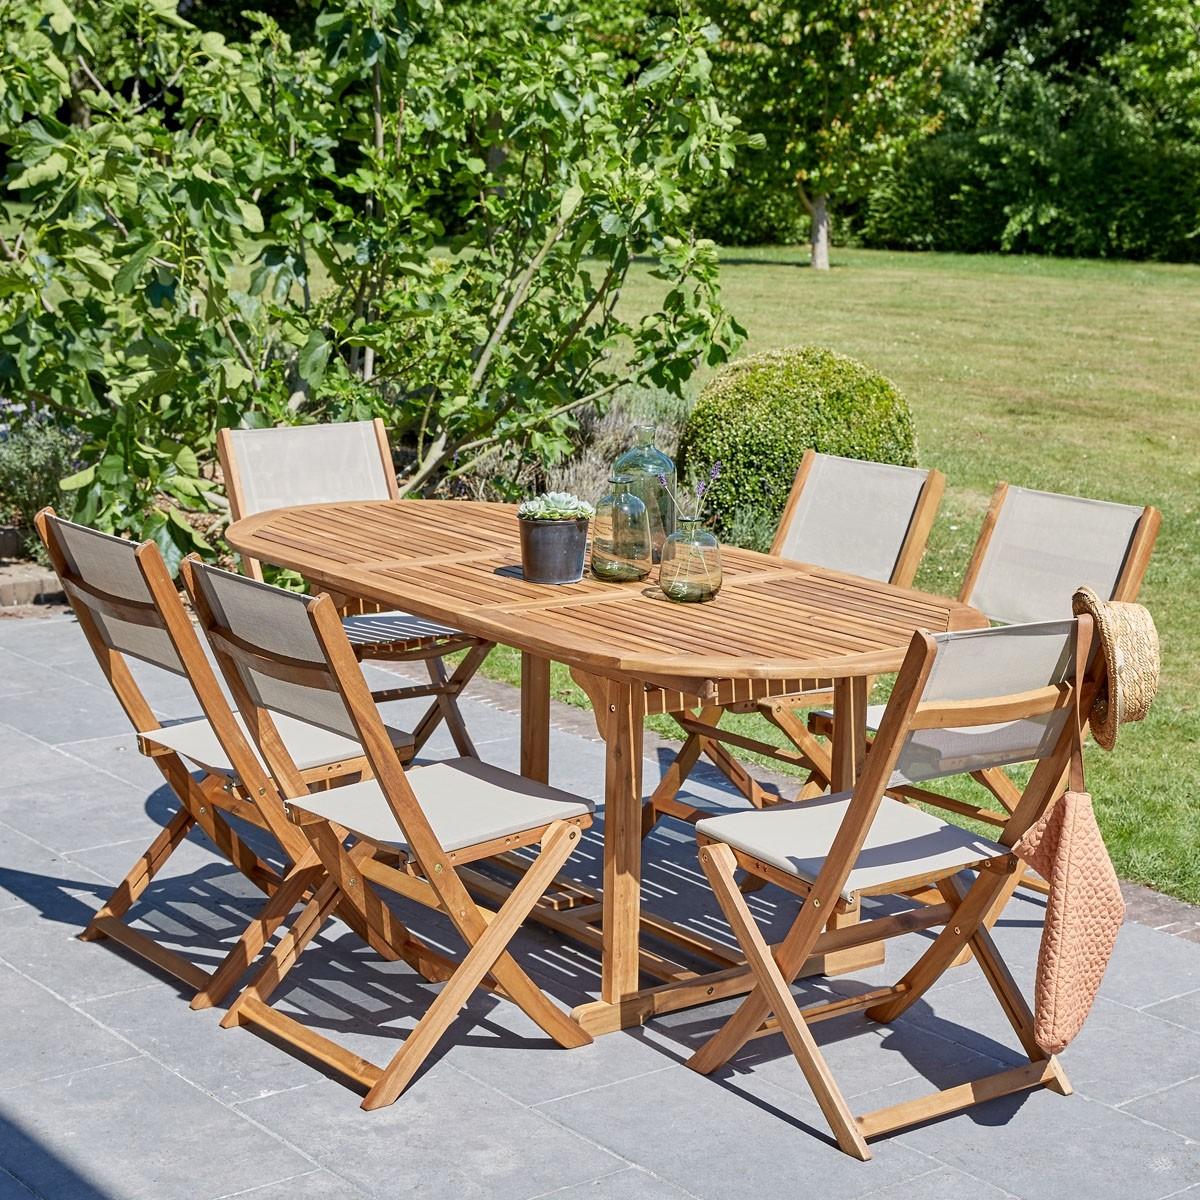 salon de jardin en bois d 39 acacia extensible 6 8 places bois dessus bois dessous. Black Bedroom Furniture Sets. Home Design Ideas